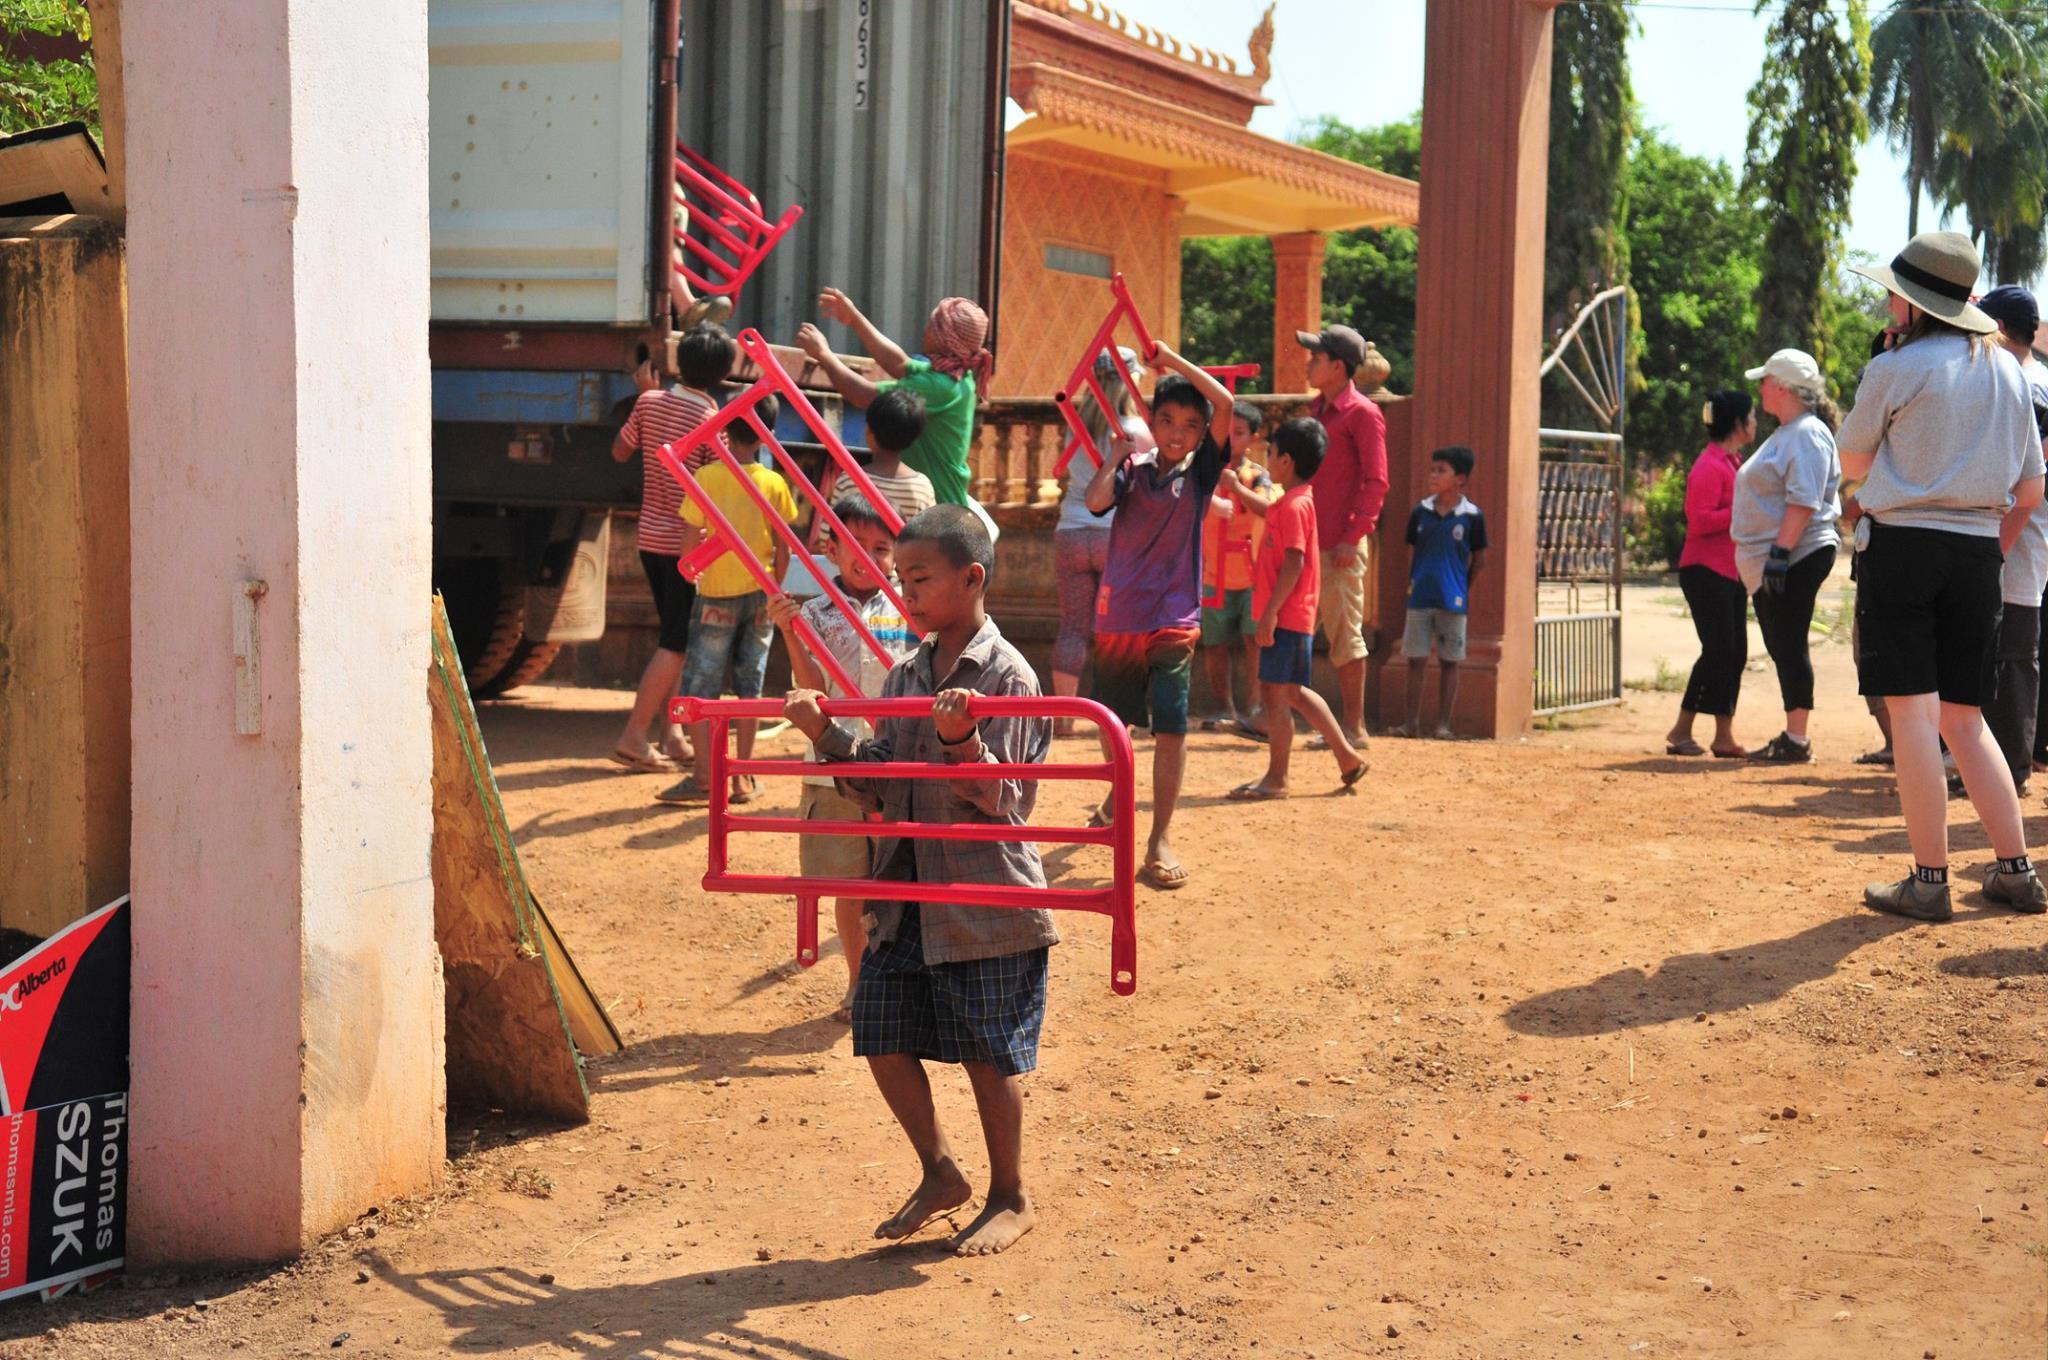 https://0901.nccdn.net/4_2/000/000/038/2d3/cambodia12.jpg